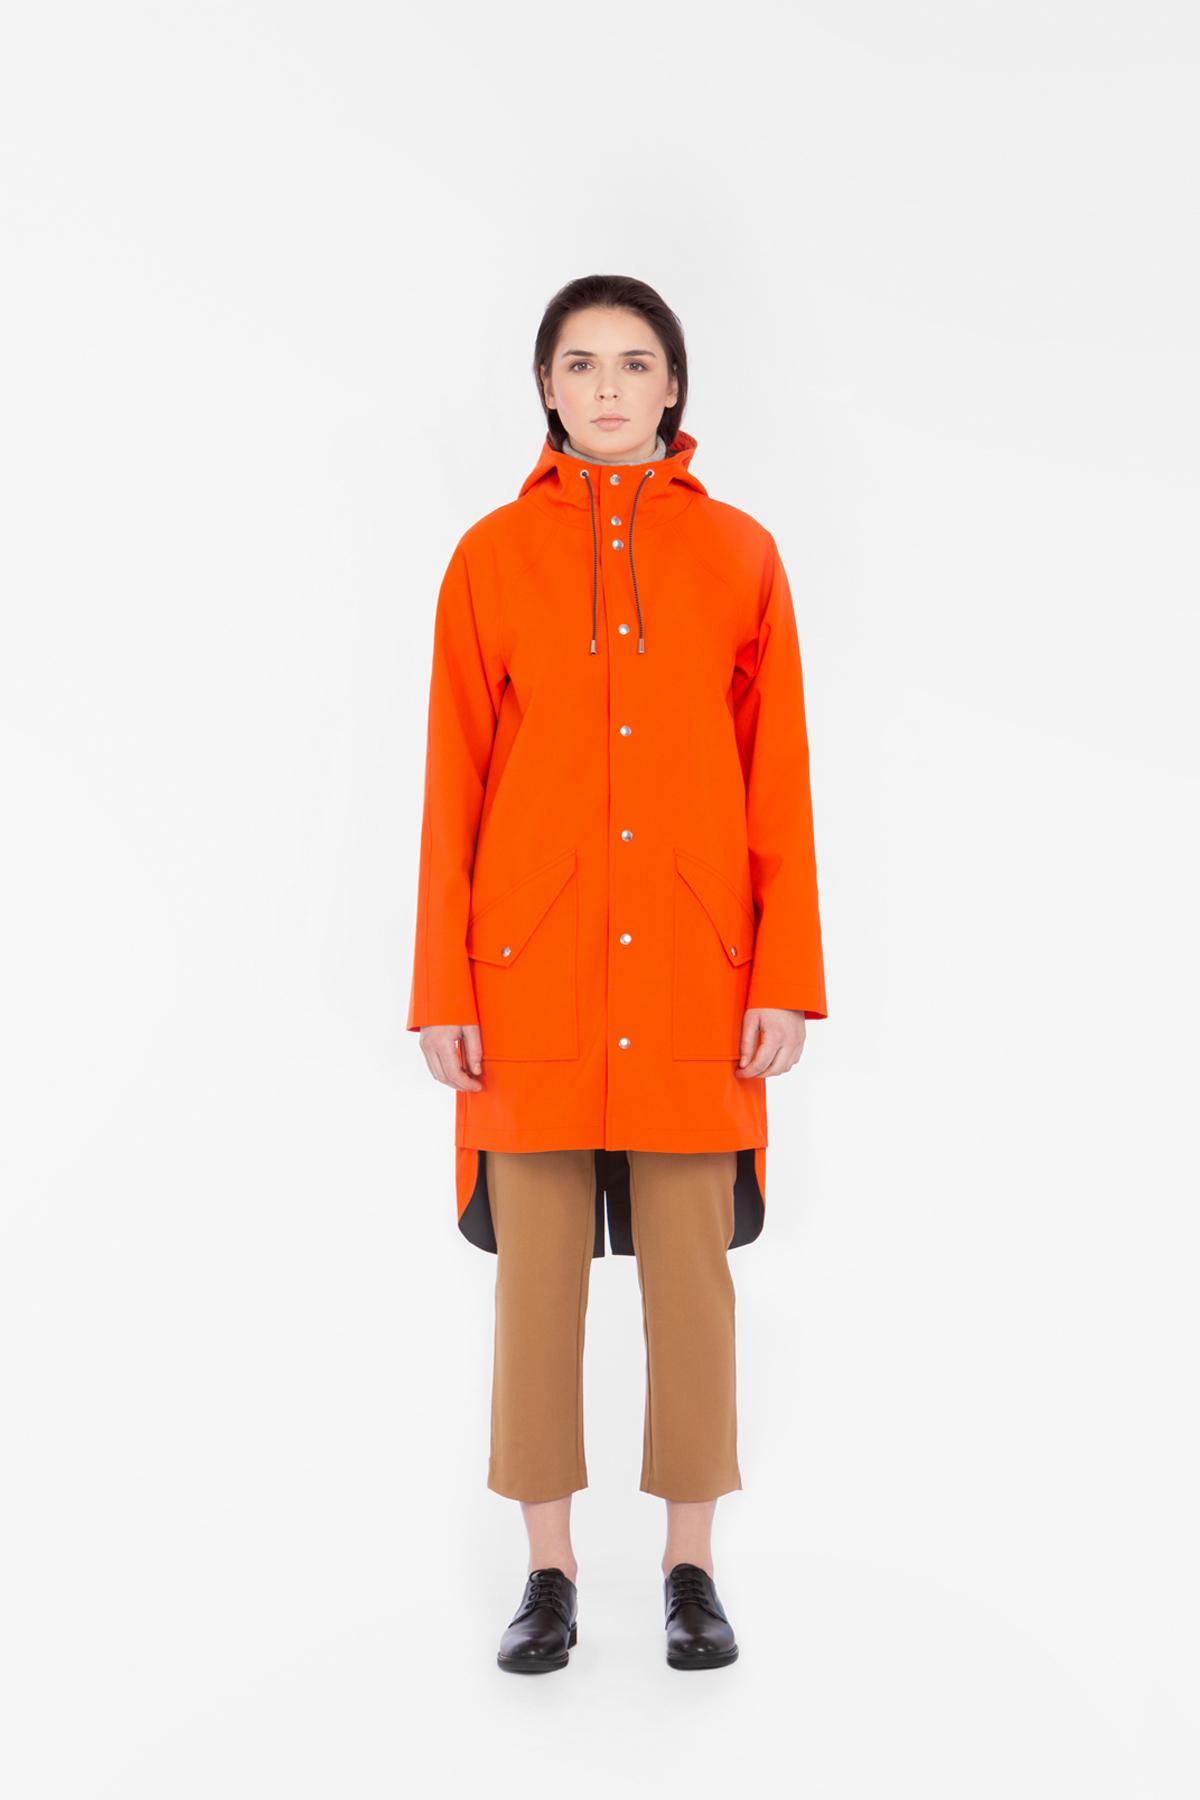 Unisex raincoat 121